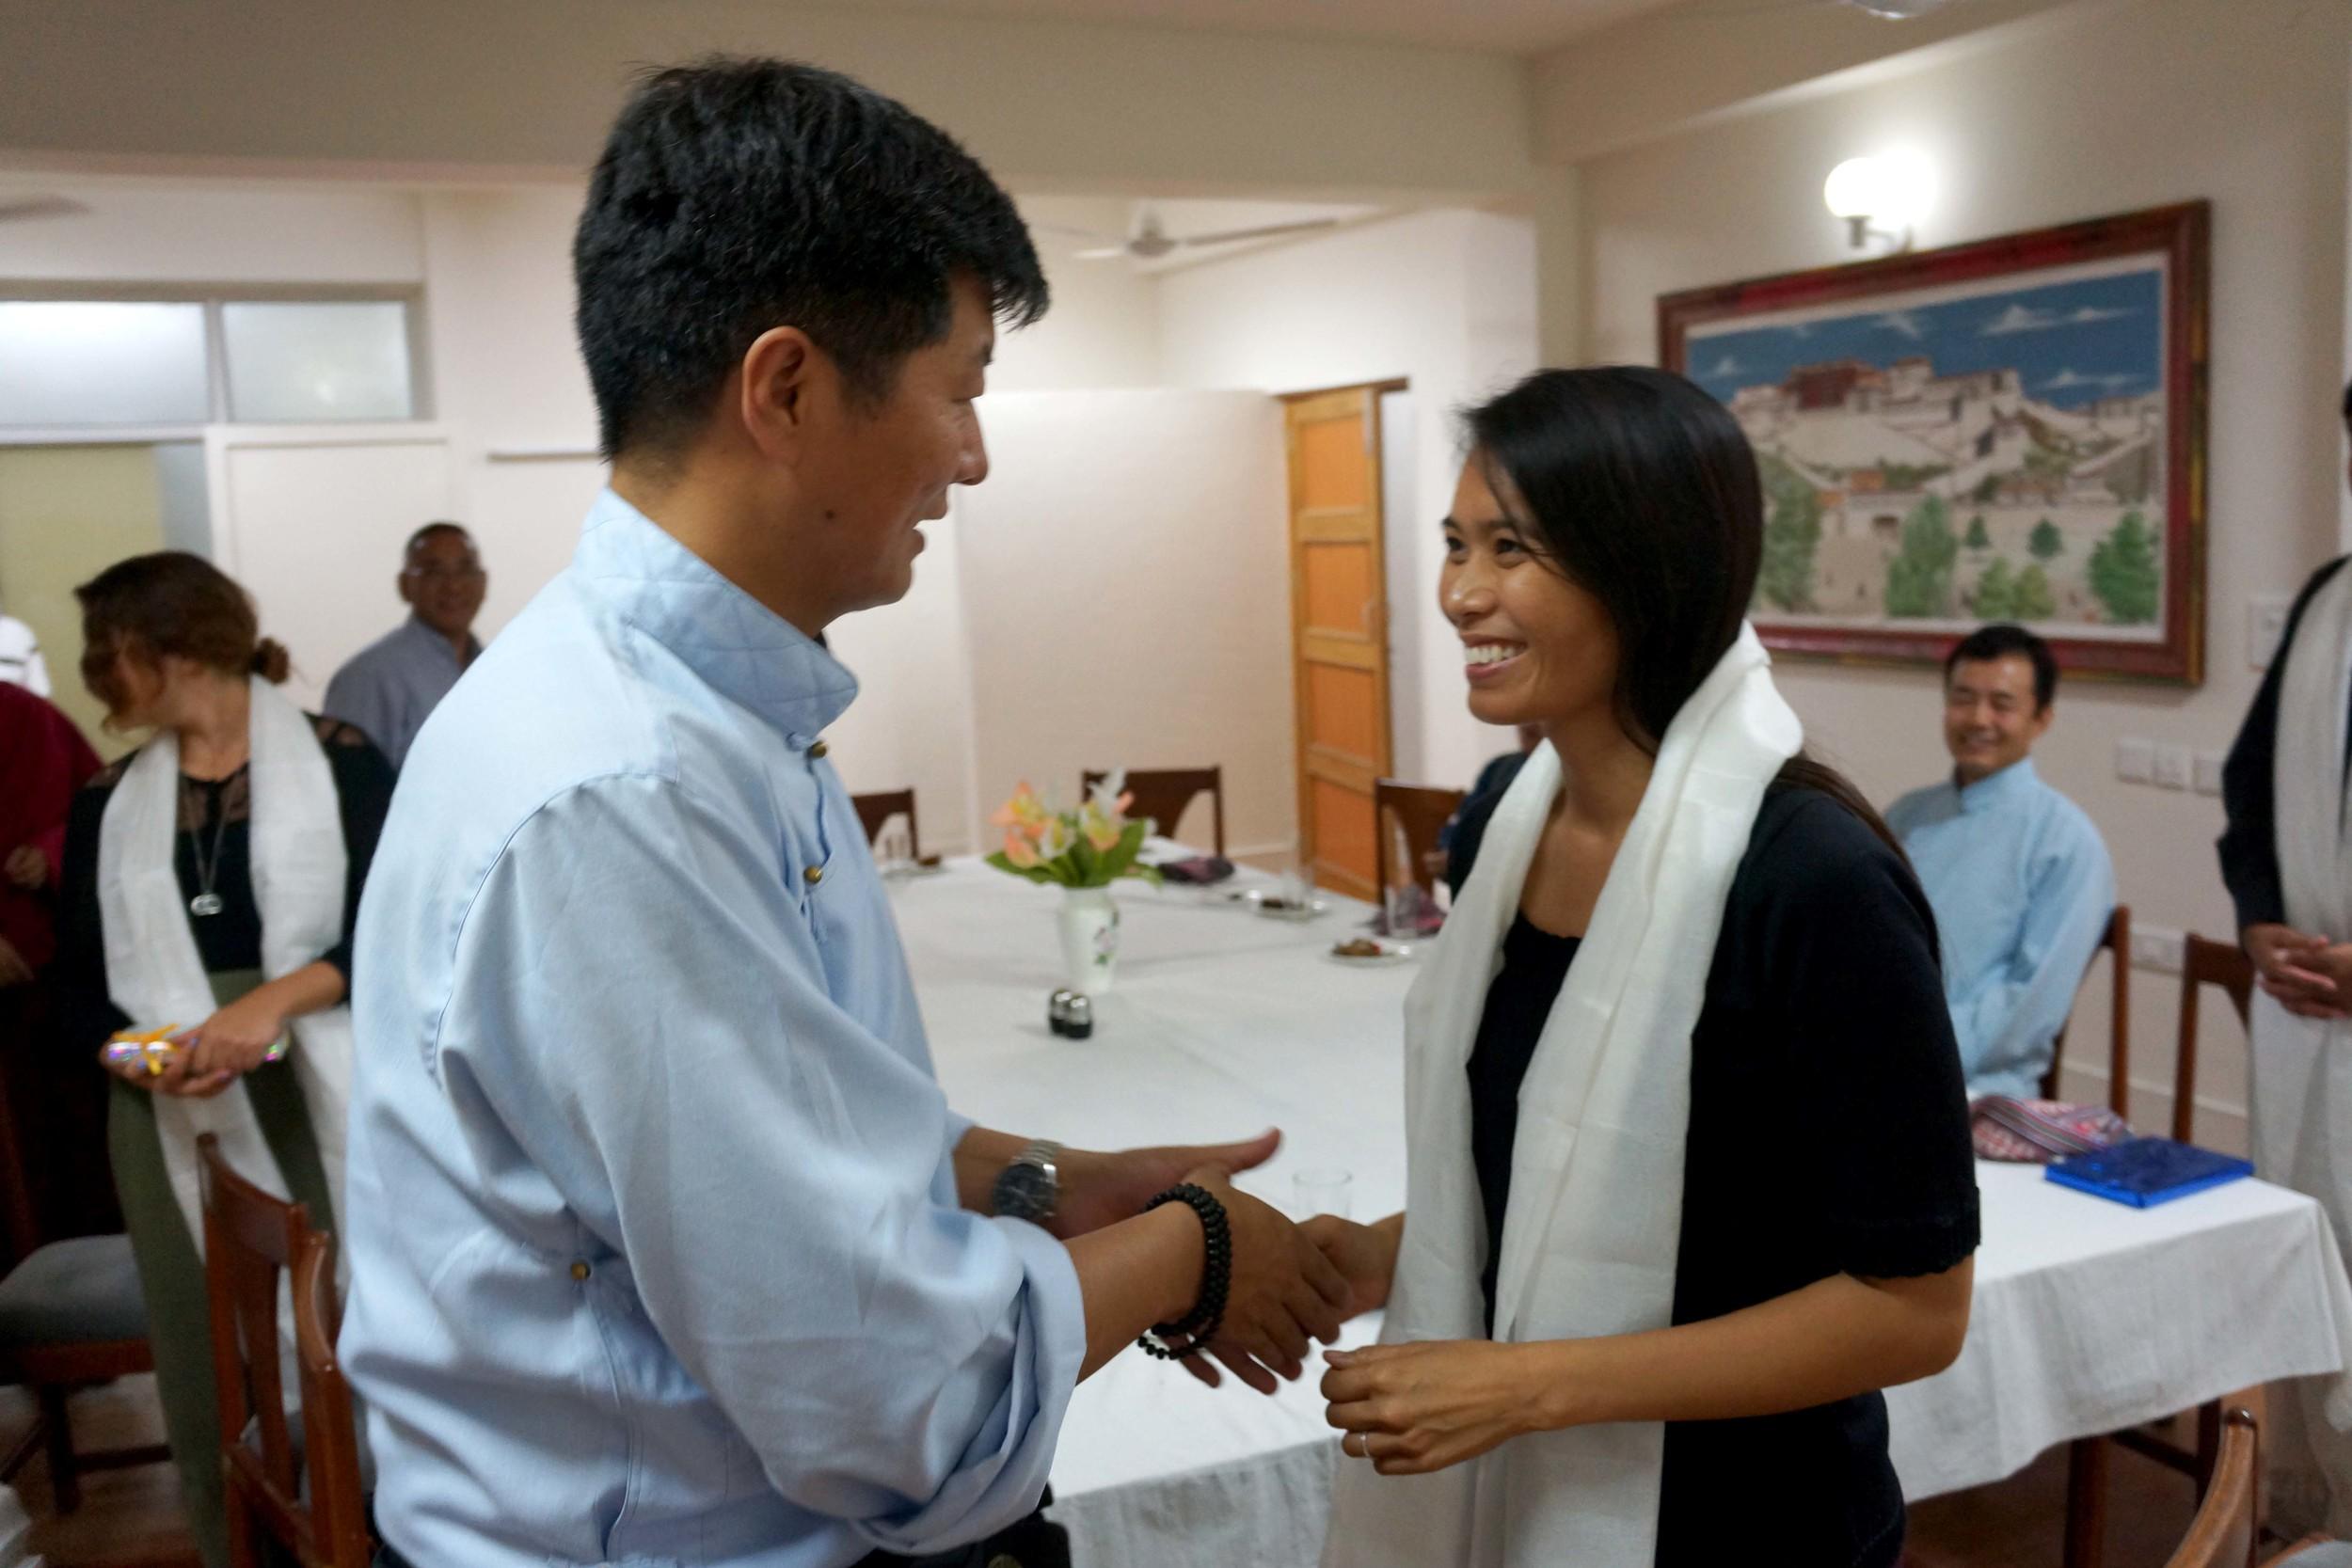 Sikyong Lobsang Sangay (left) greeting Ana Rowena McCullough (right)